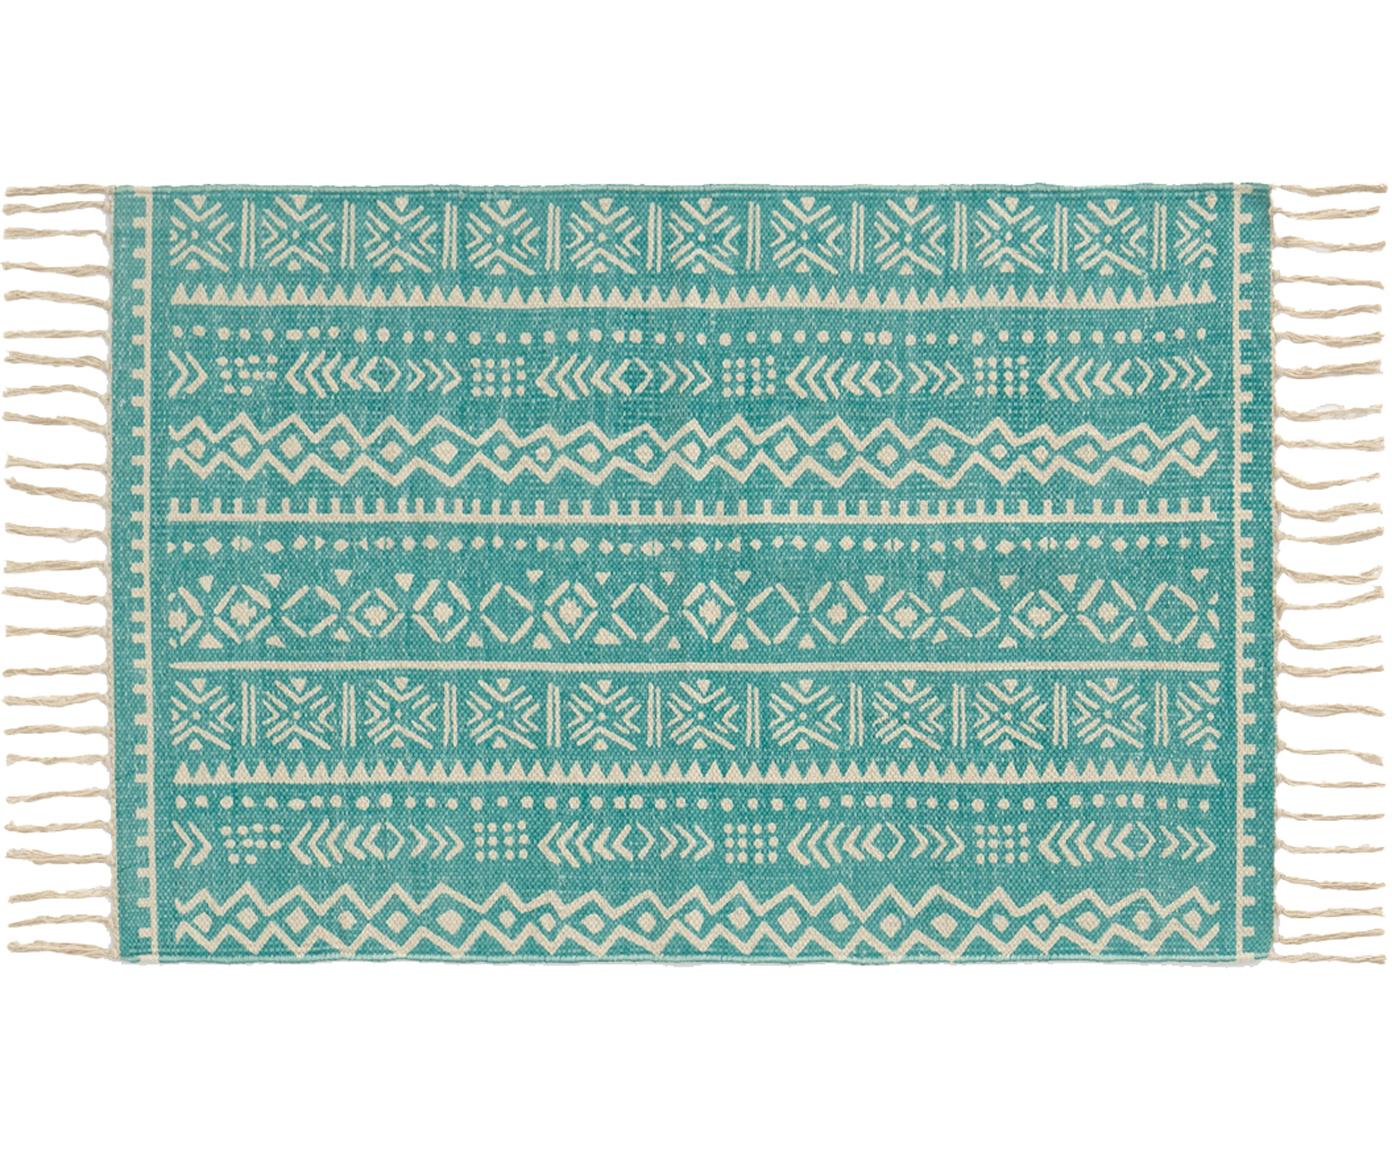 Vloerkleed Afra, Katoen, Turquoise, gebroken wit, 60 x 90 cm